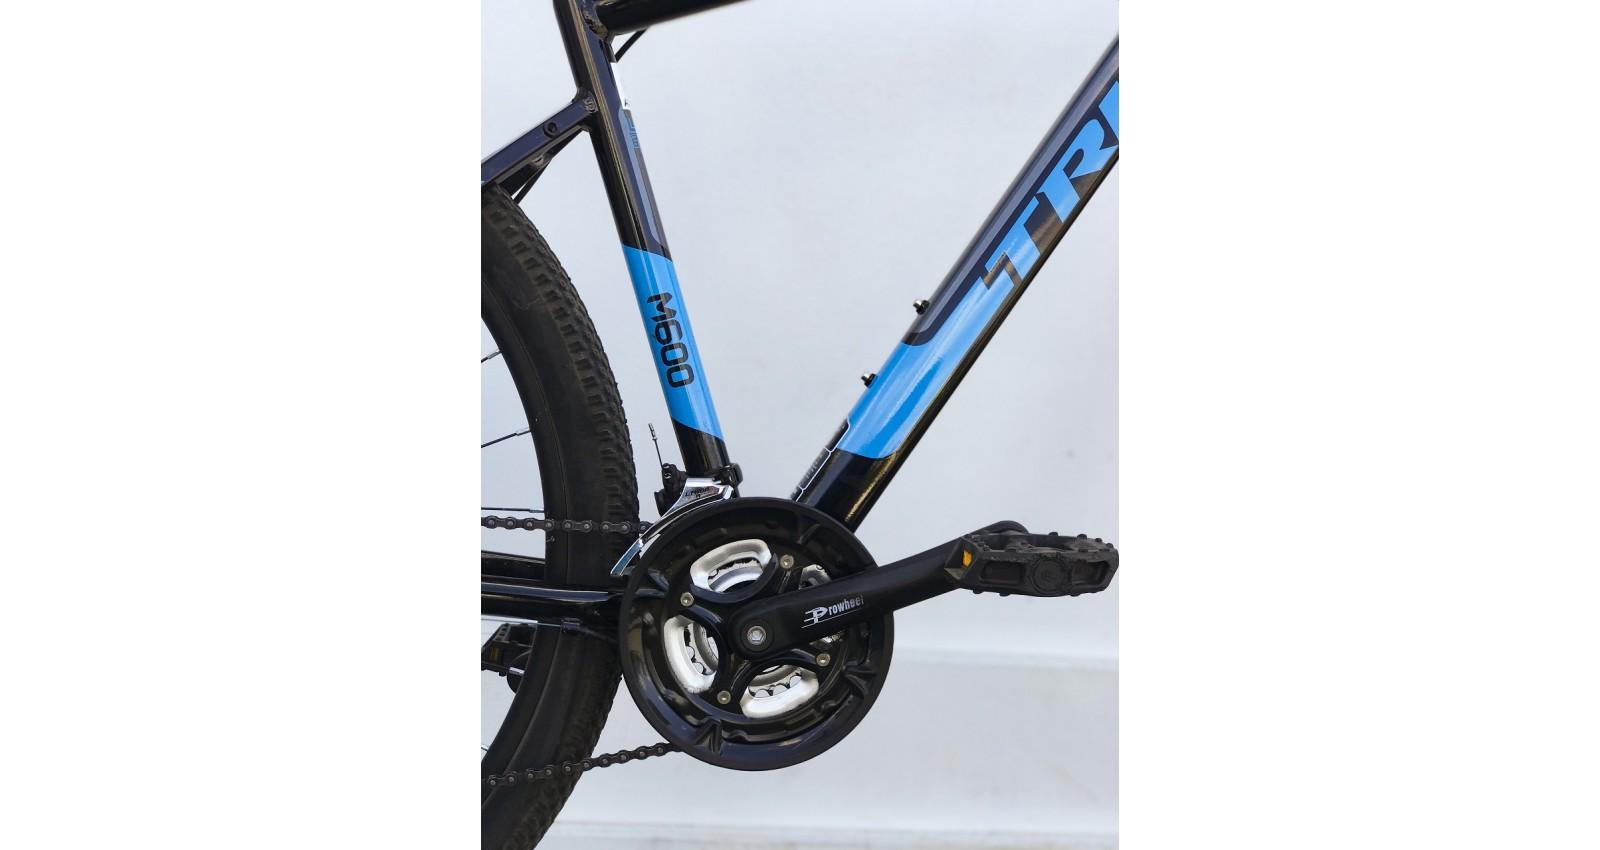 """Велосипед М600 Expert Pro Trinx 29"""" рама 17, 2020 черный/серый/голубой б/у - № Фото 1 - № Фото 2"""